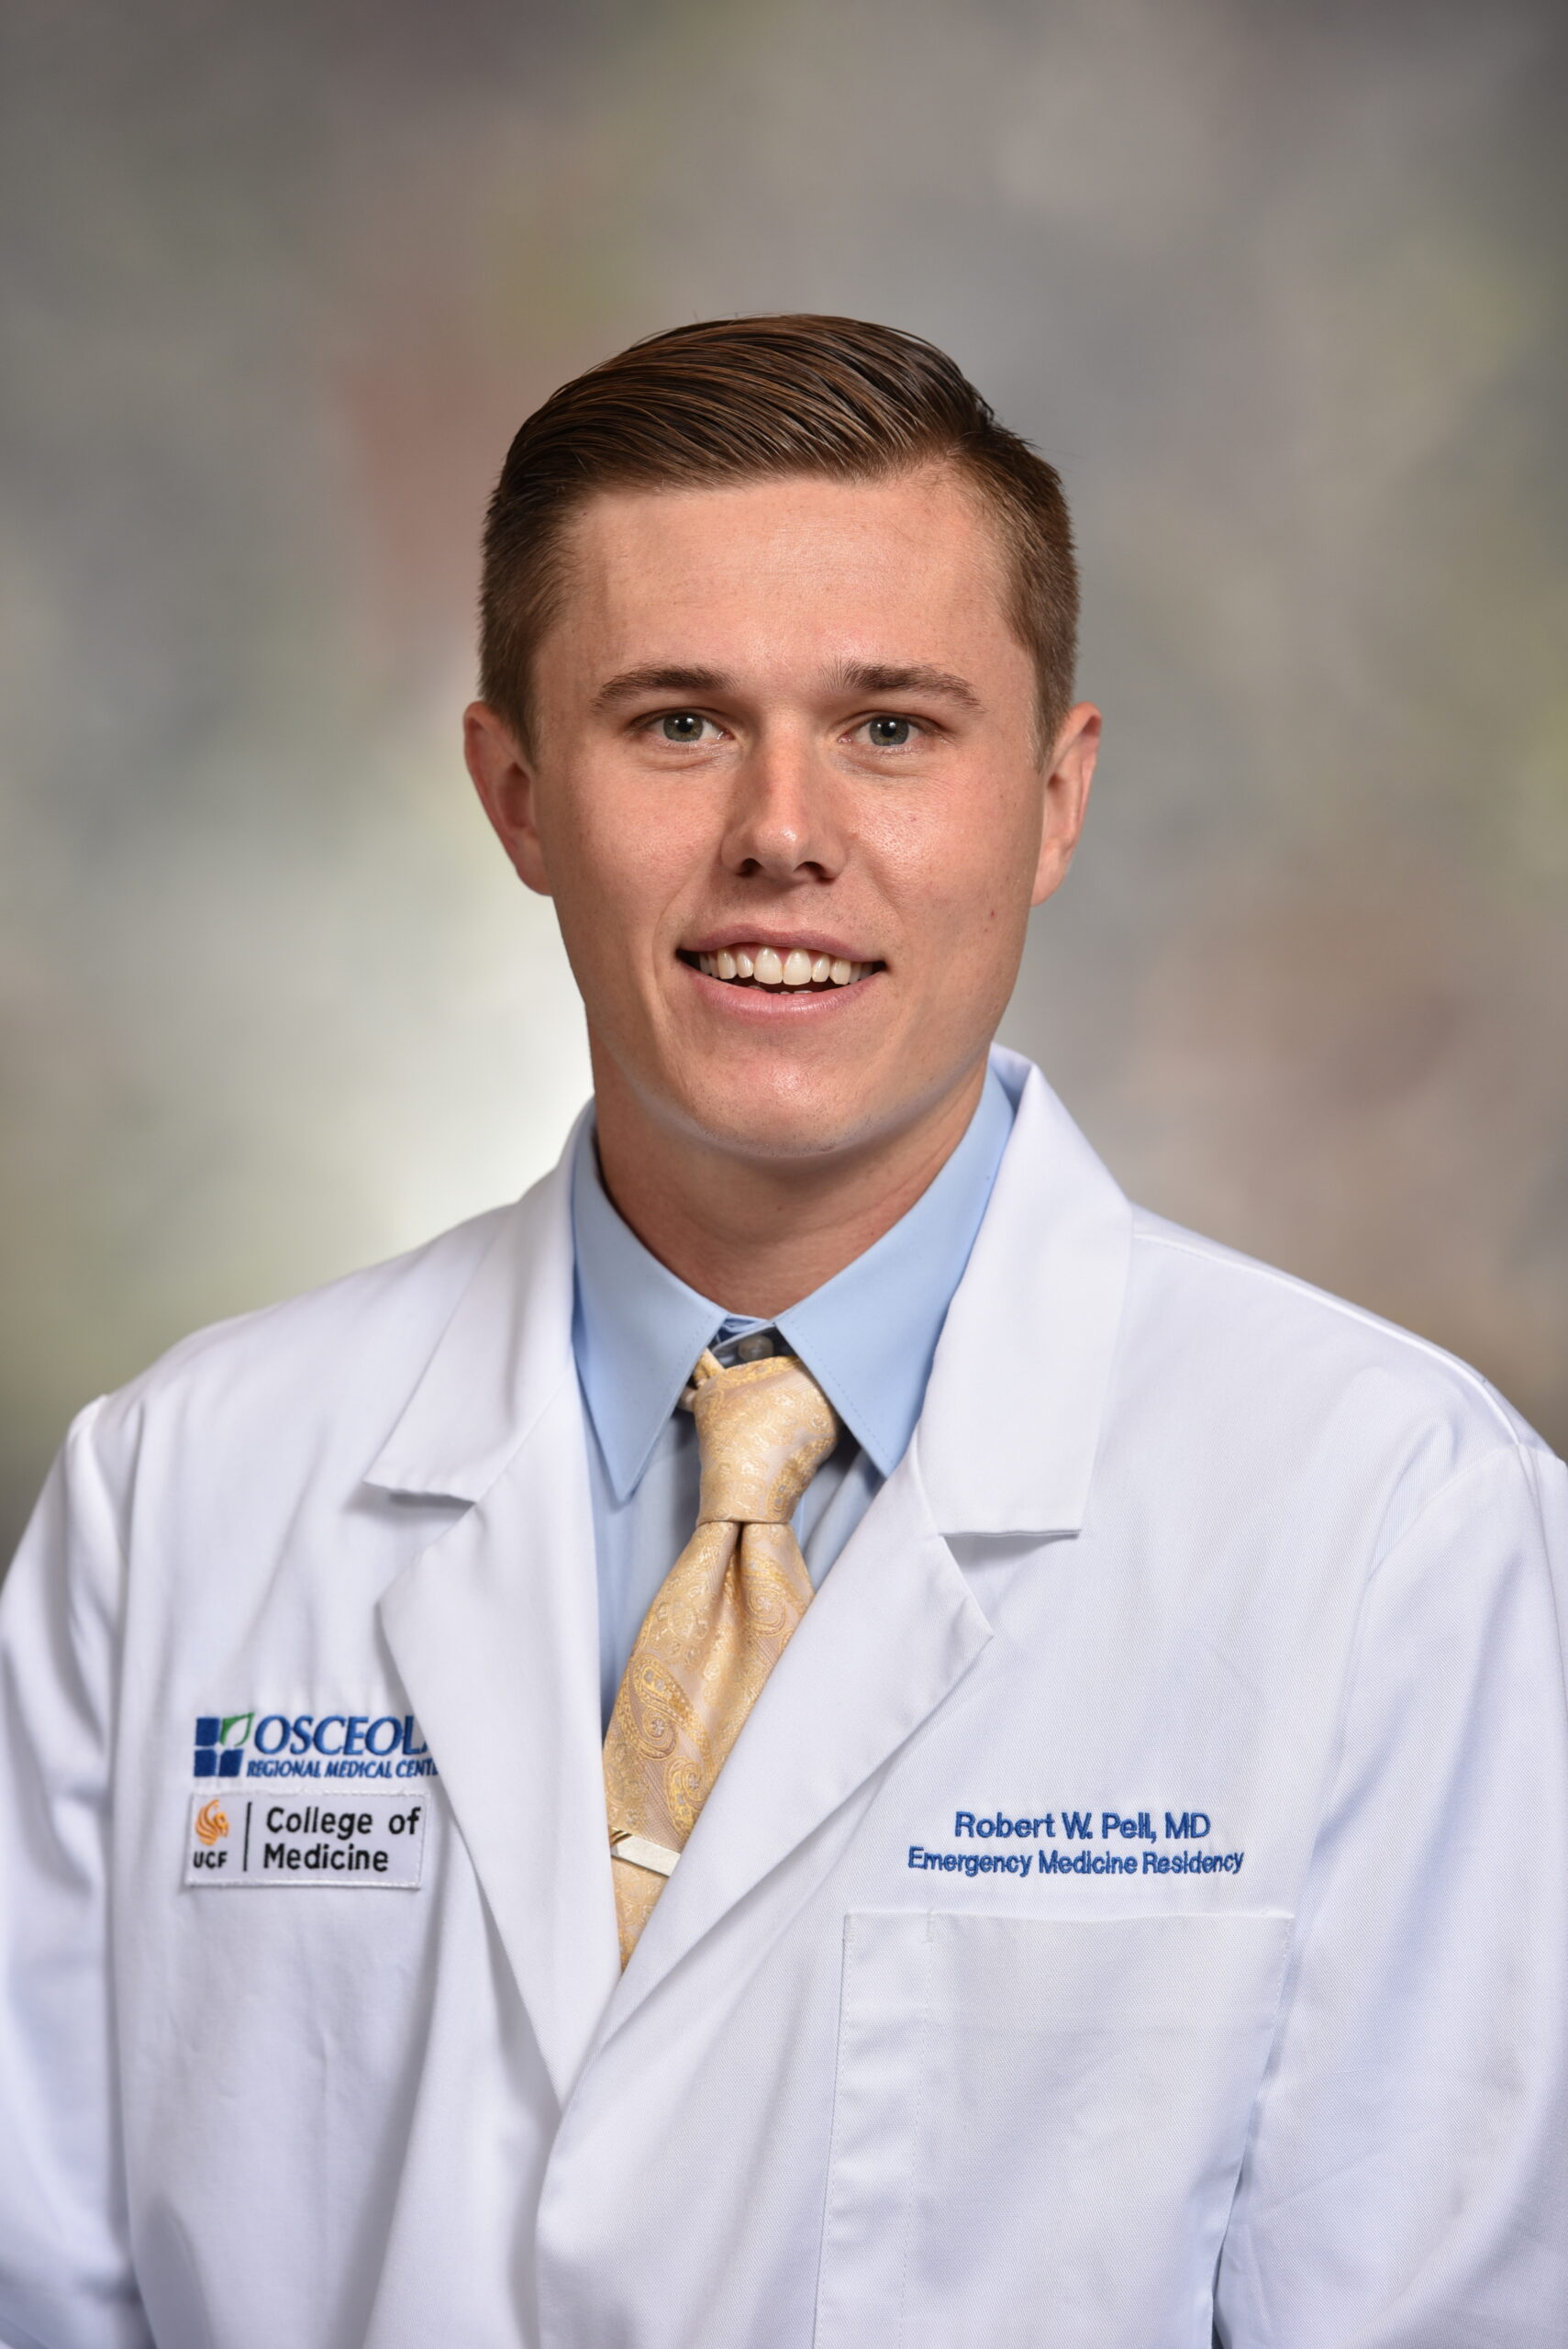 Robert Pell, MD